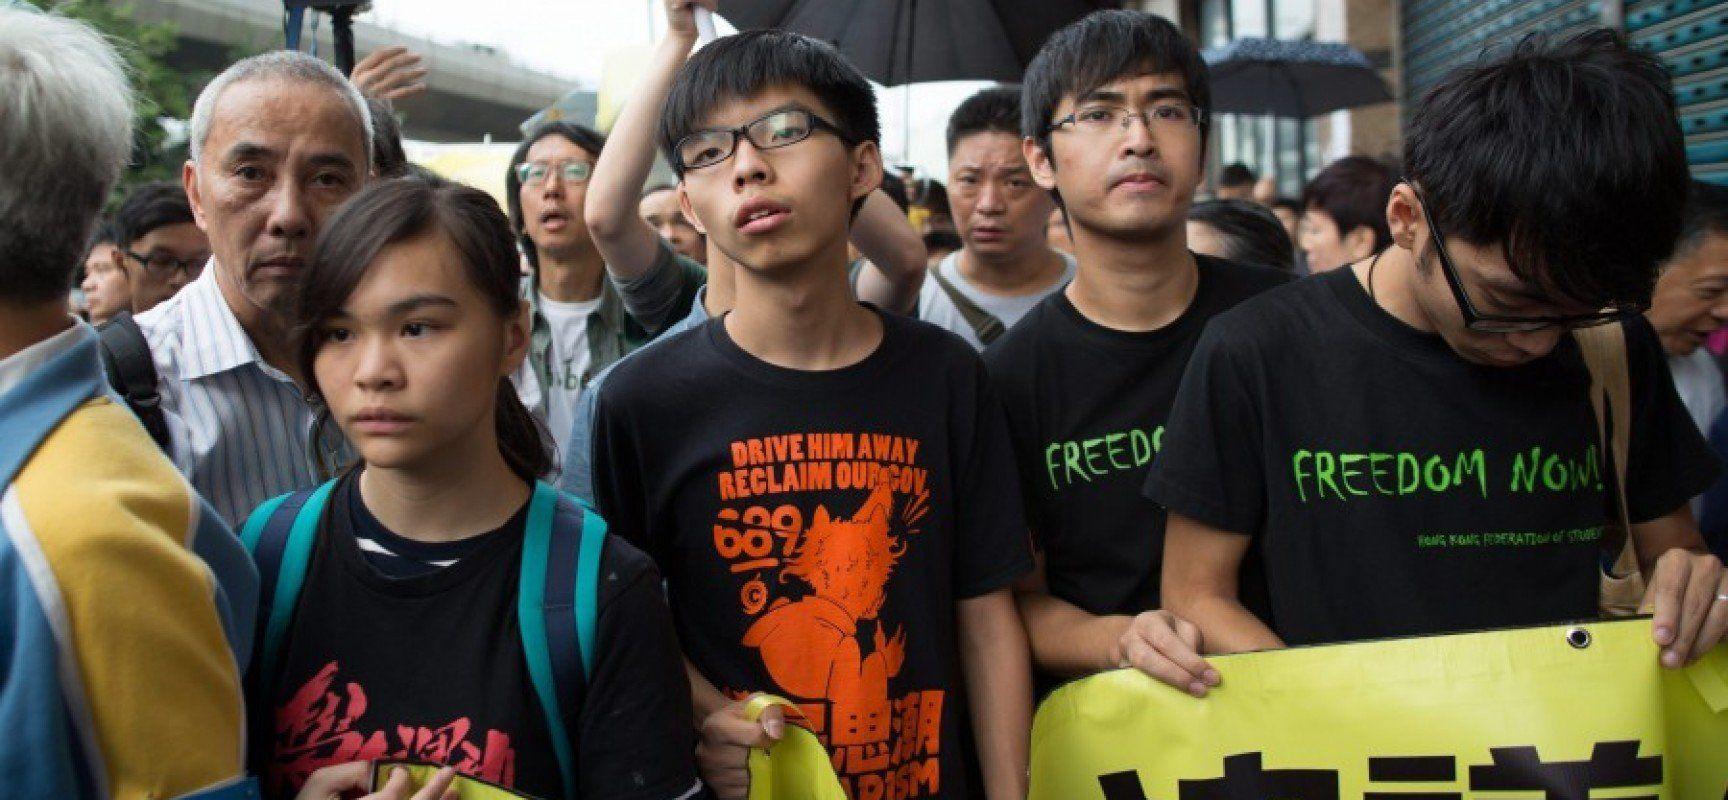 Χονγκ-Κονγκ: Στους δρόμους χιλιάδες διαδηλωτές υπέρ της δημοκρατίας